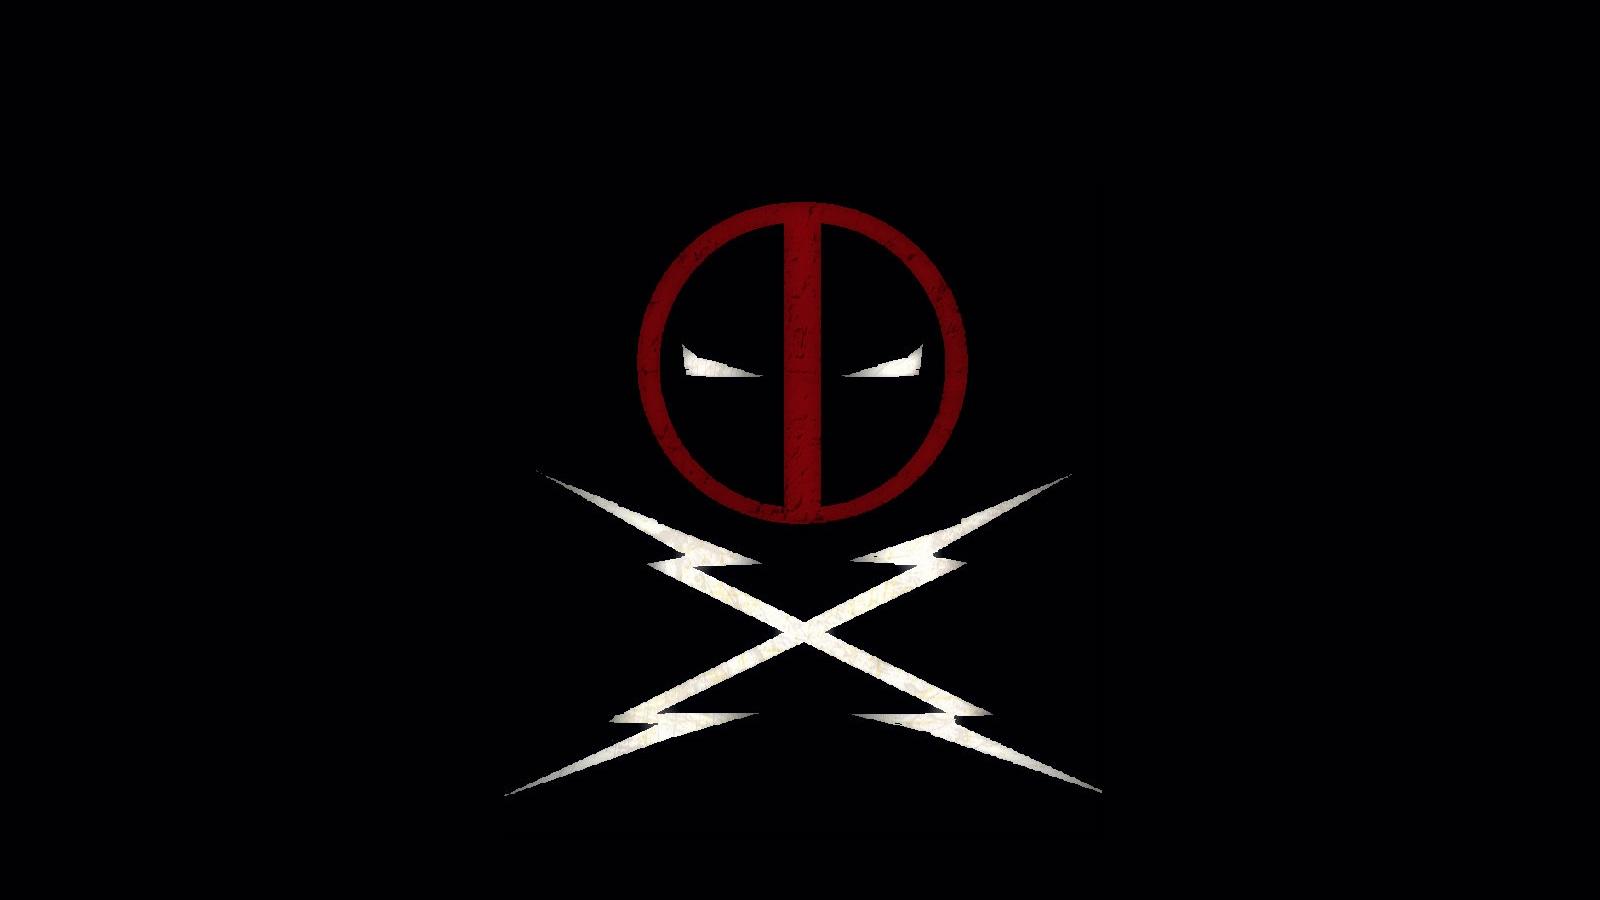 Deadpool wallpaper HD free download | PixelsTalk Net